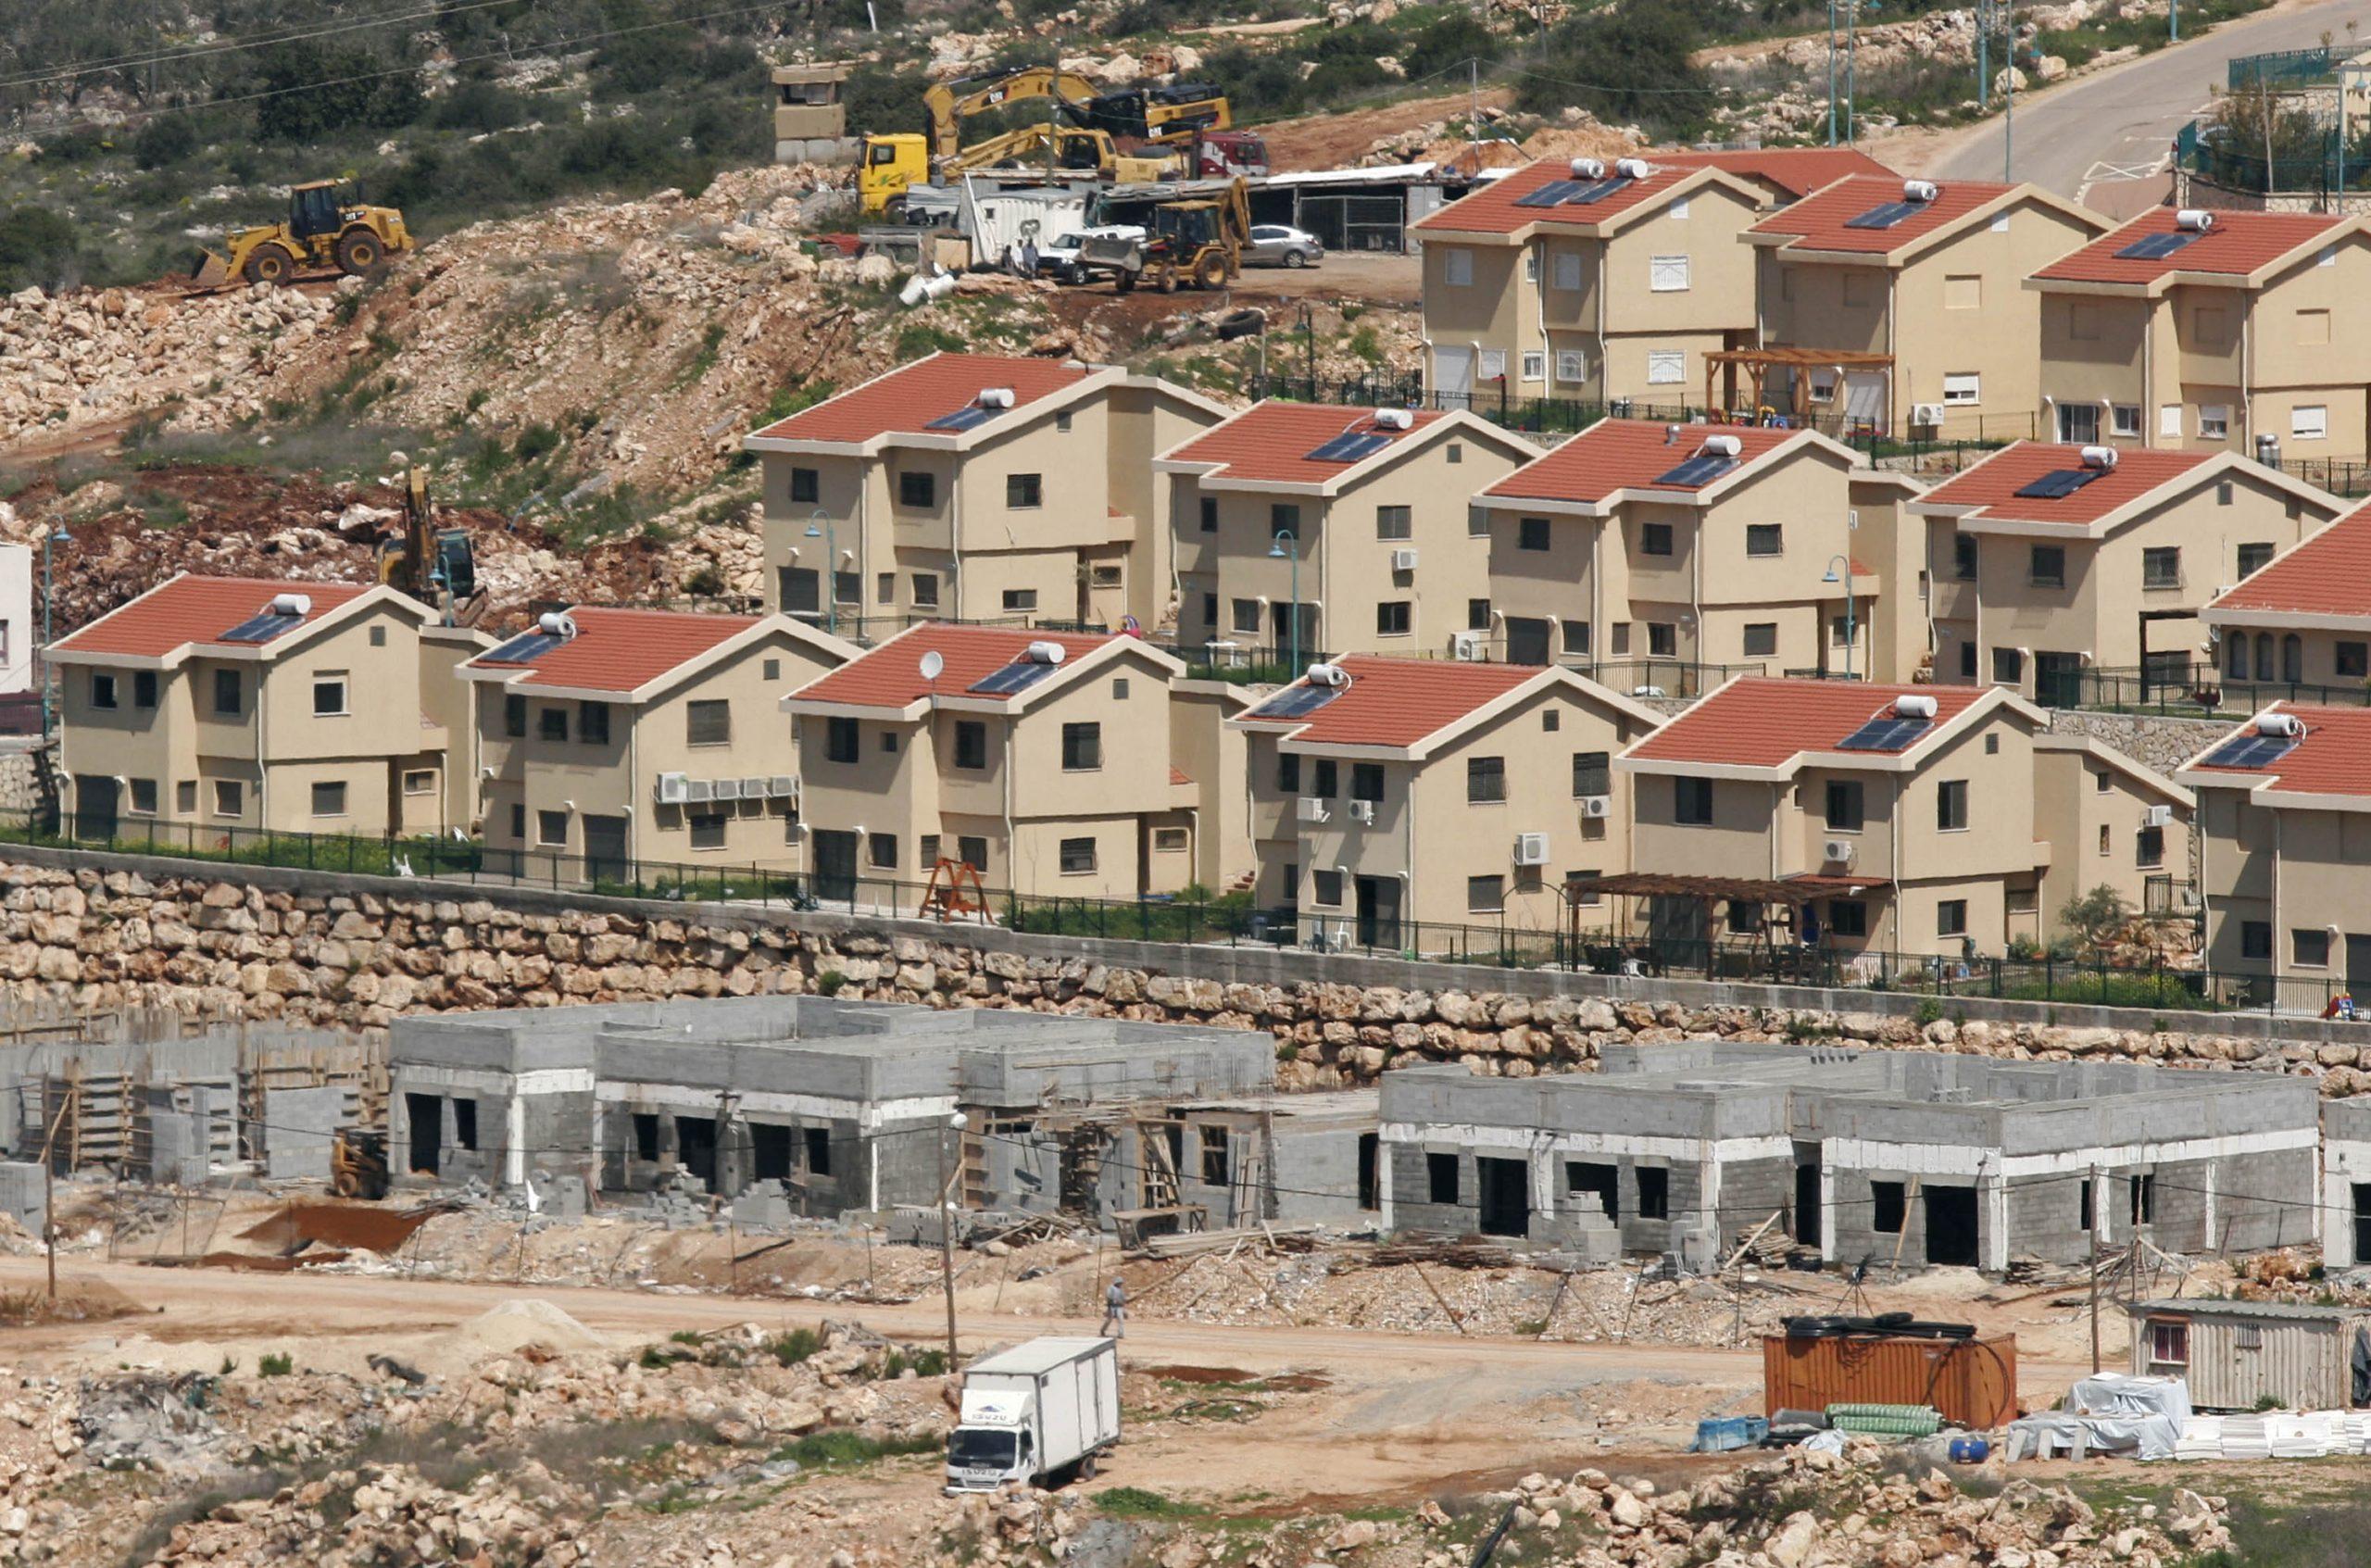 شركة الكهرباء الإسرائيلية تنهي قطع الكهرباء عن الضفة الغربية